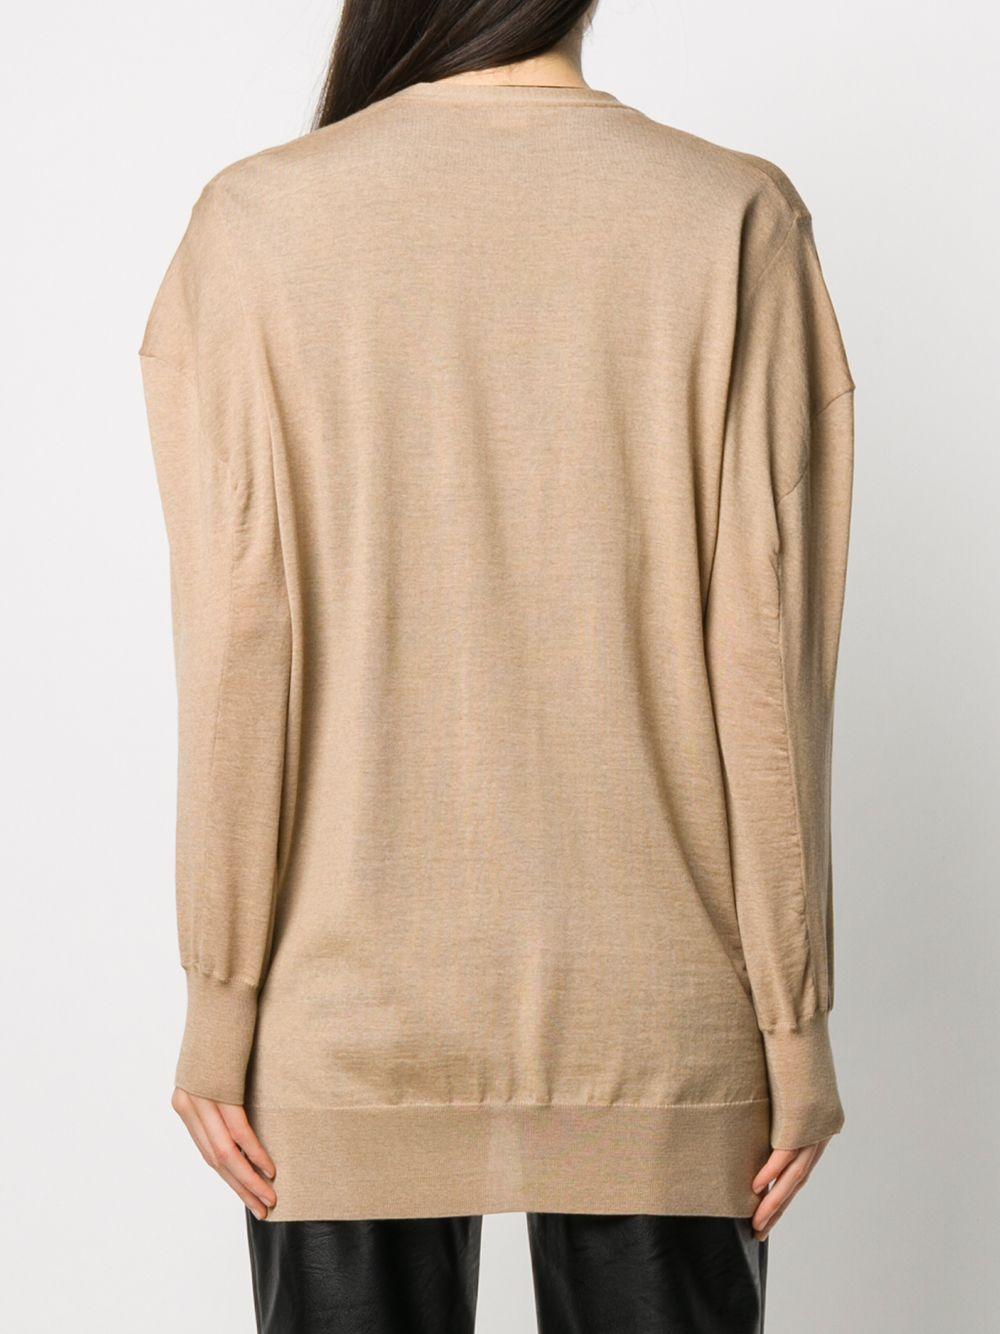 Cardigan oversize in lana vergine color cammello con scollo a V STELLA MC CARTNEY   Cardigan   602030-S17352742